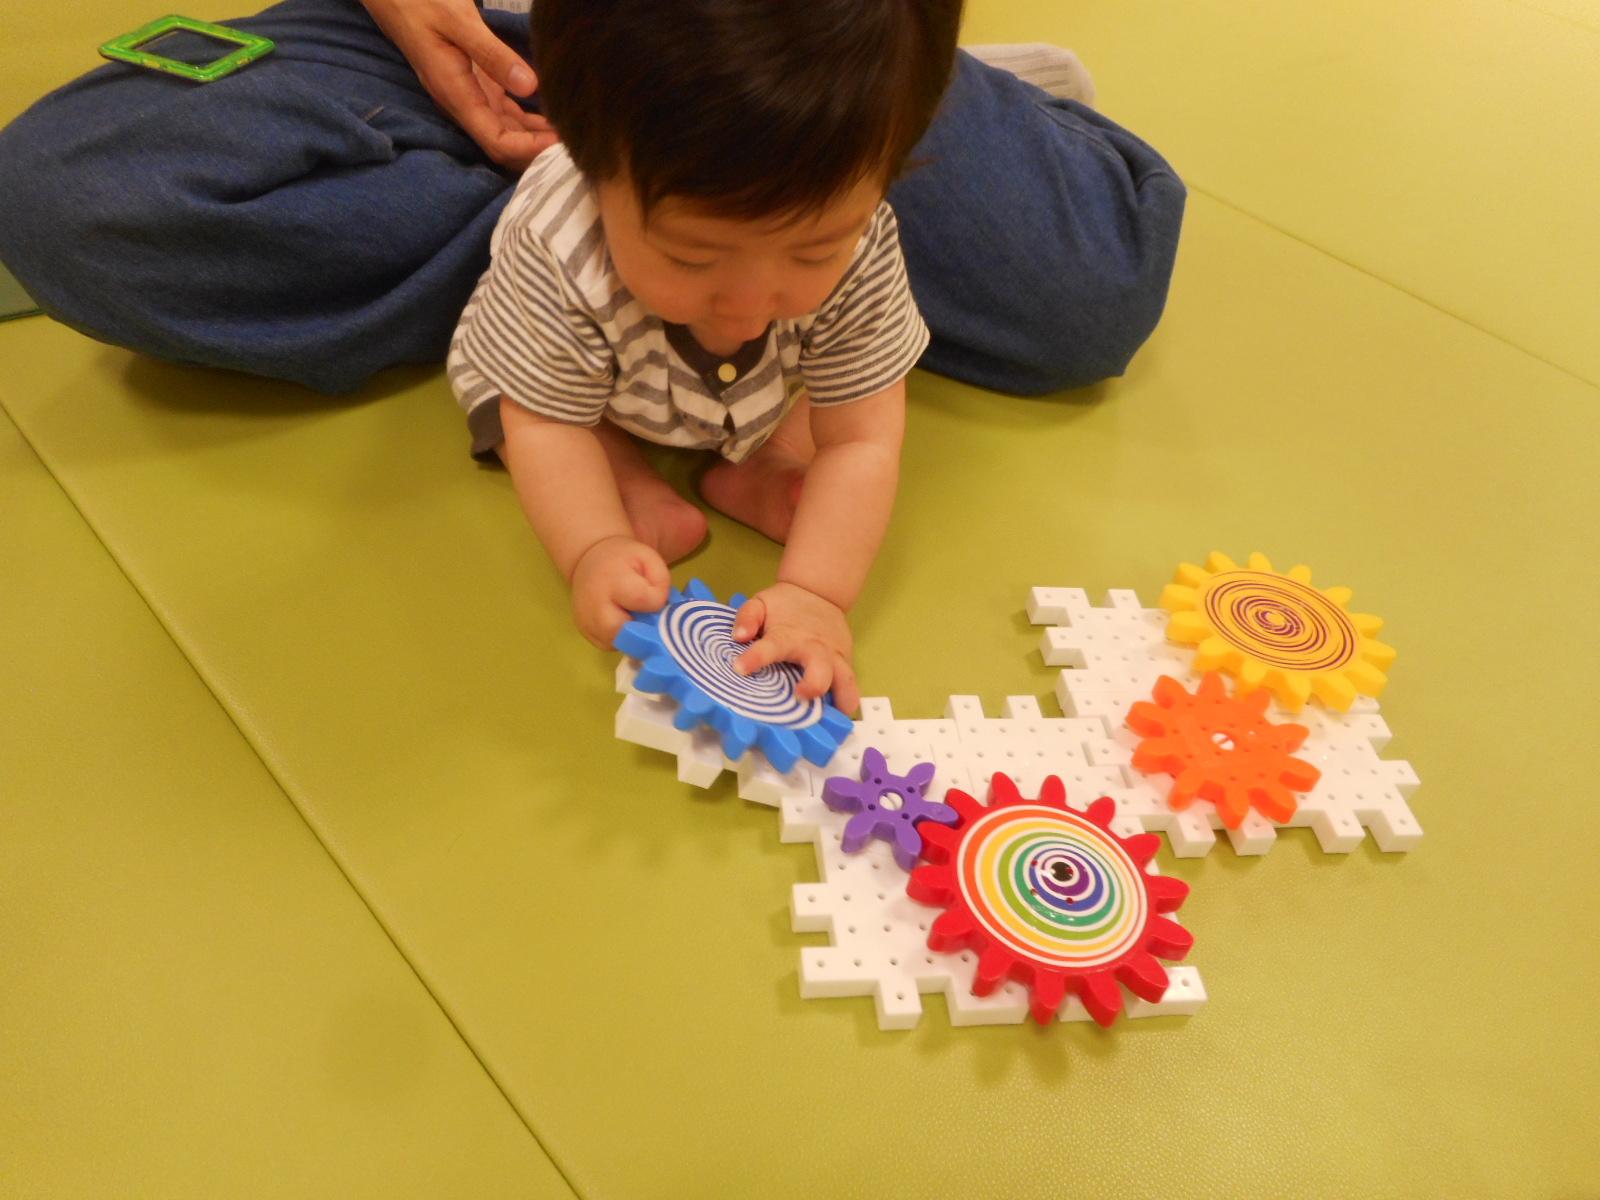 8月 赤ちゃんの日のイベントの様子 Part1